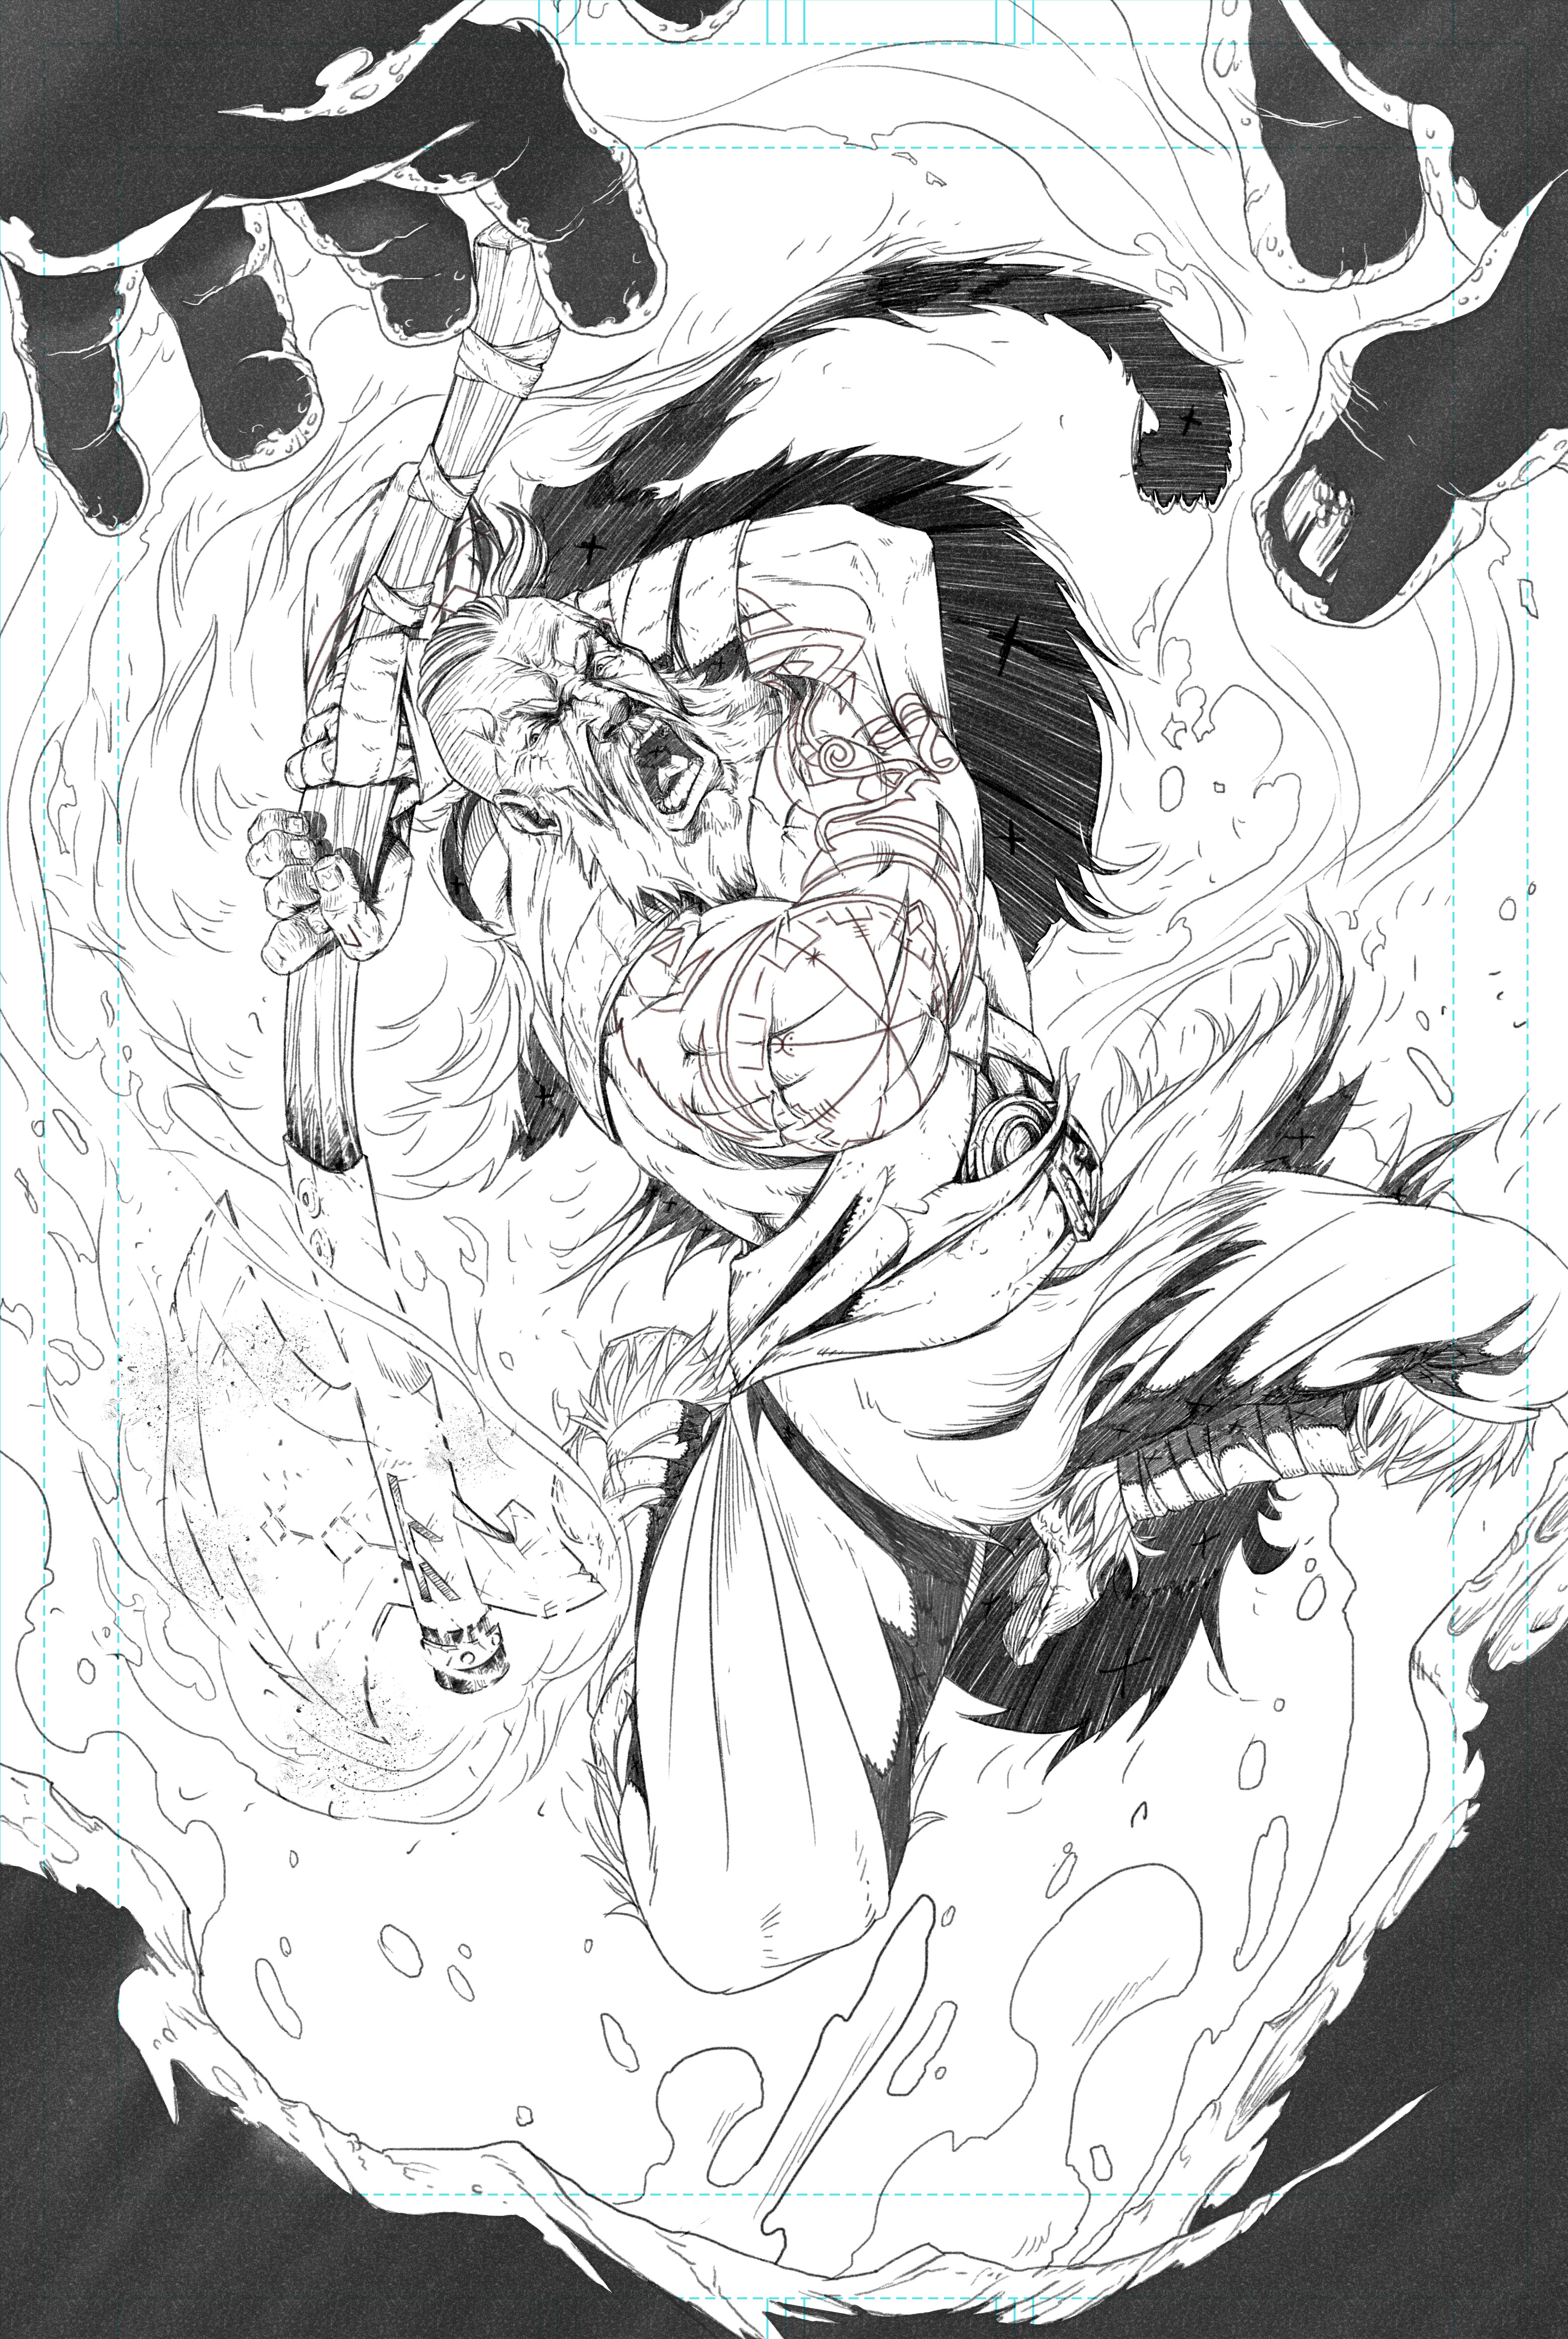 Page 3 - Pencil Art